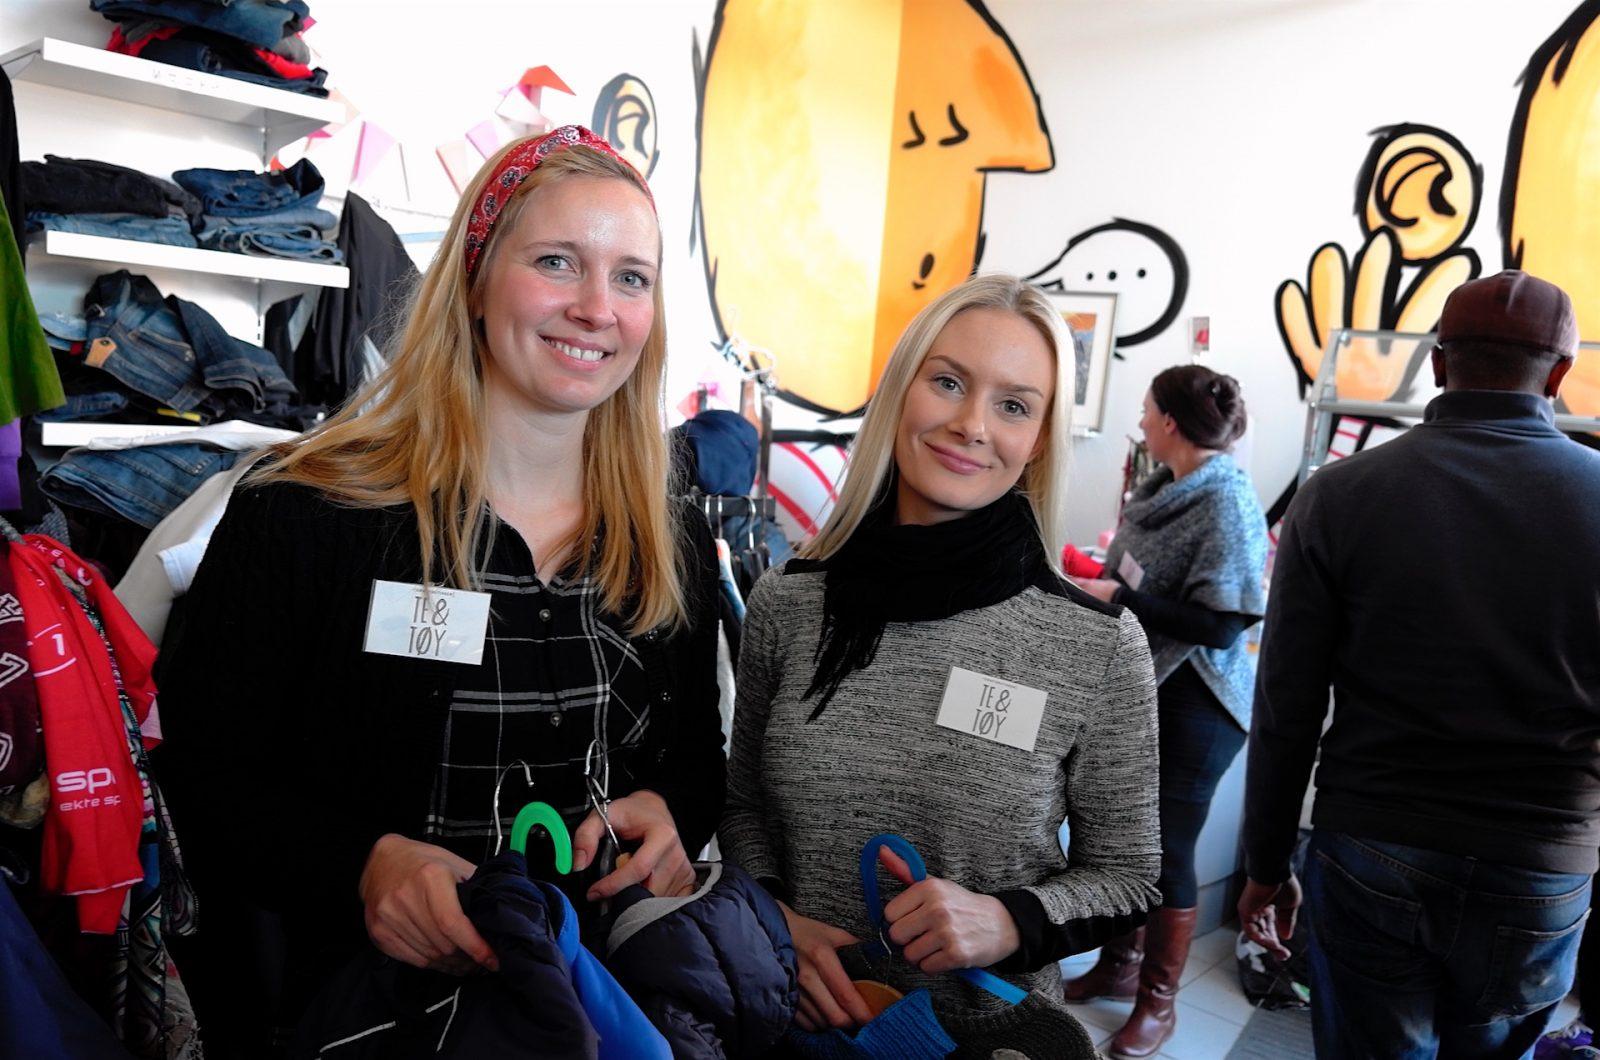 Maria Lund og Mari er to av ildsjelene som har startet Gratisbutikken Te og Tøy i Ilsvika. Nå er de også nominert til Årets Trønder.